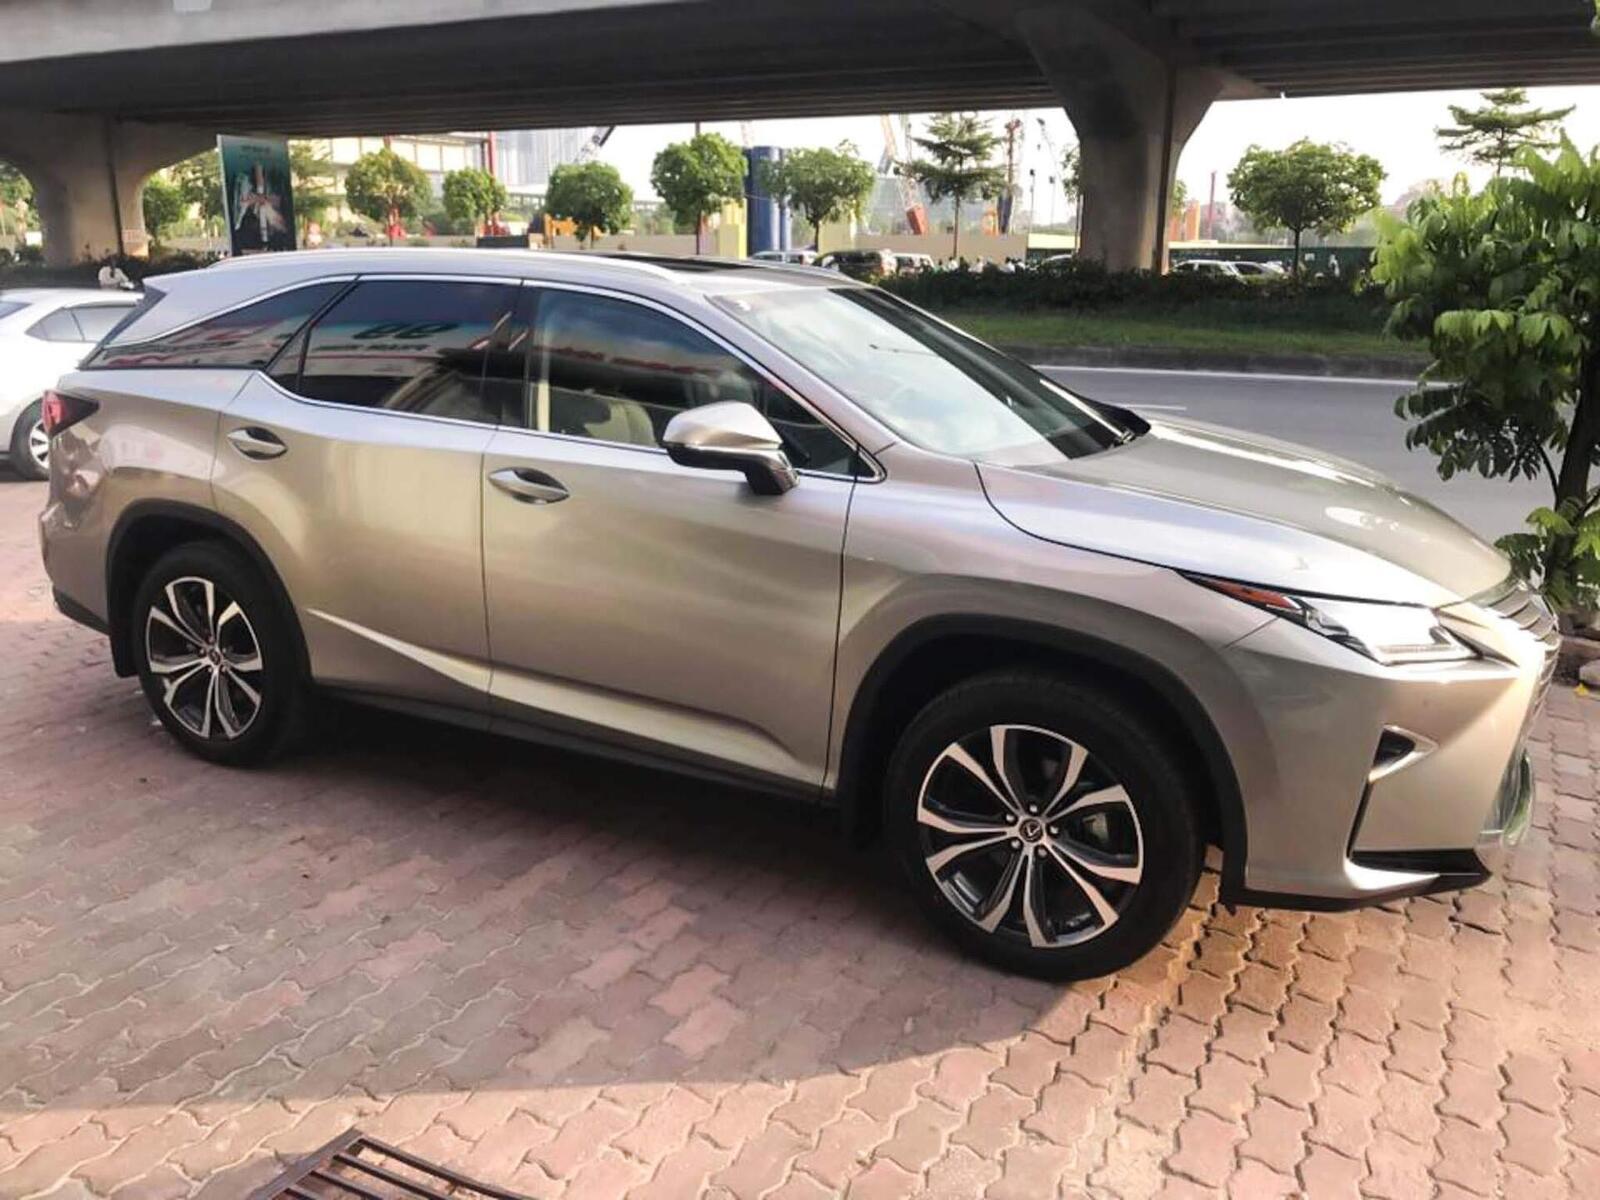 Lexus RX 350L 2018 phiên bản 7 chỗ đã về Việt Nam; giá không dưới 4,9 tỷ đồng - Hình 1